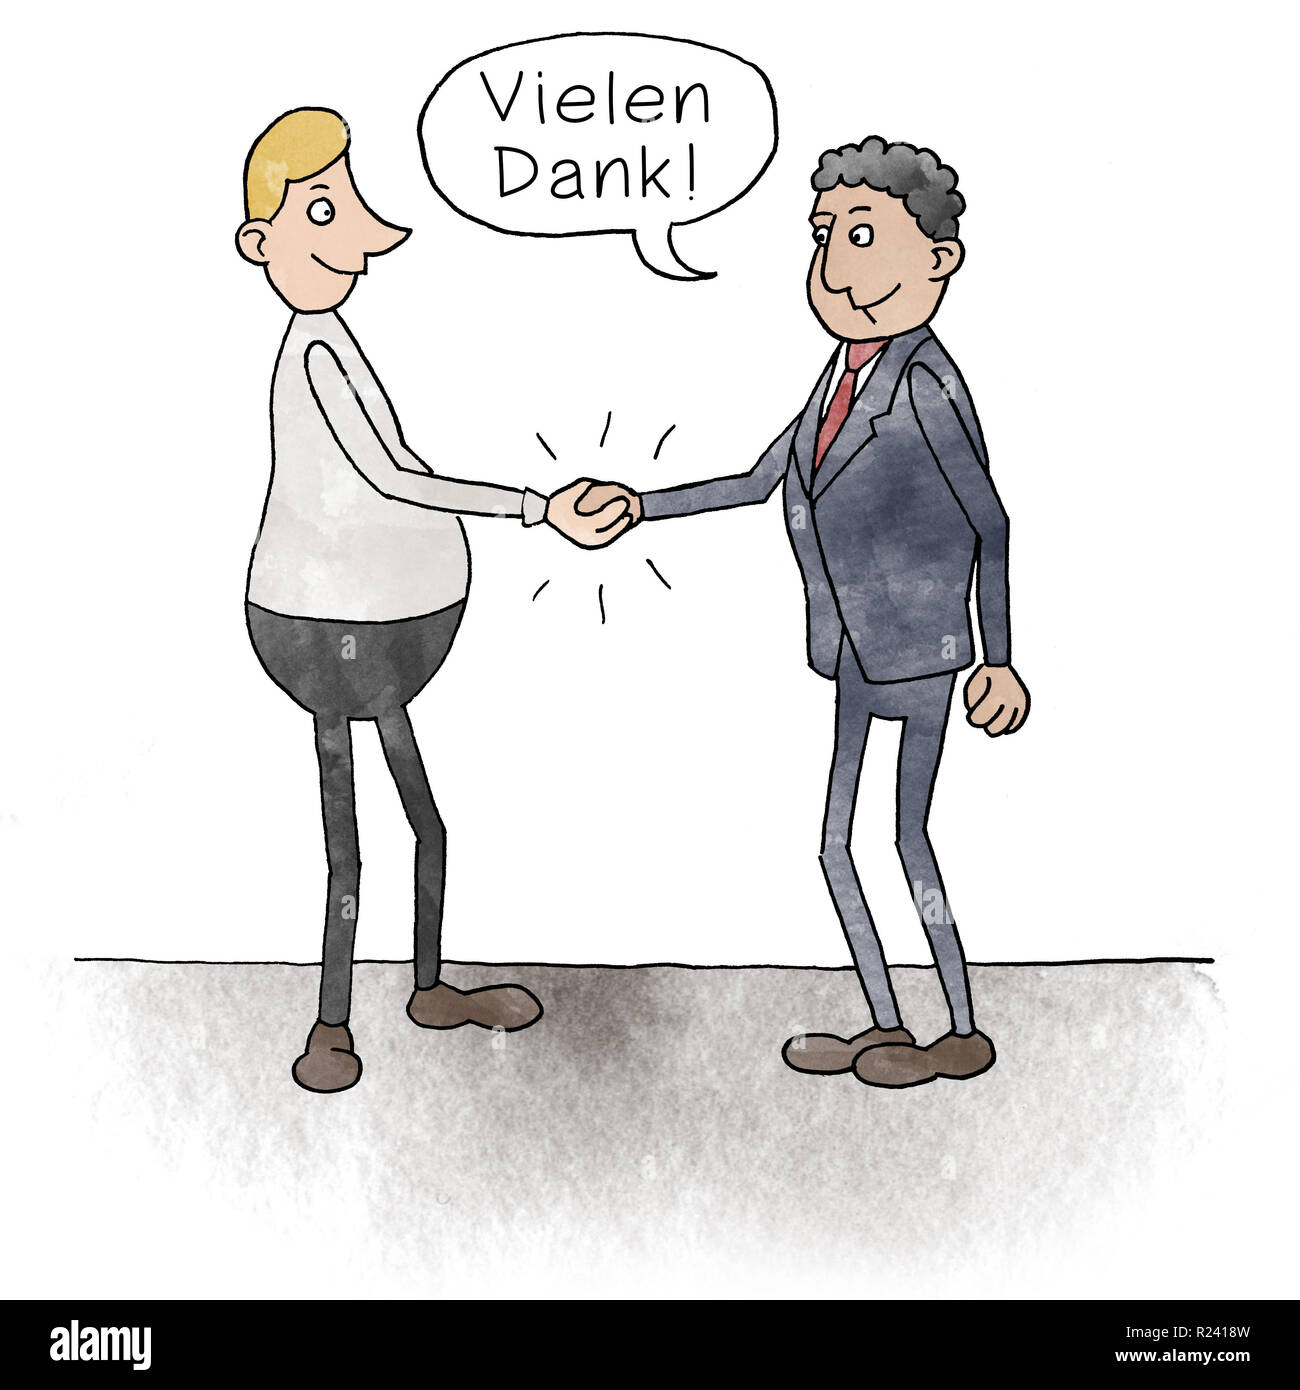 Cartoon zwei Geschäftsmänner geben sich die Hand mit Sprechblase: Vielen Dank - Stock Image